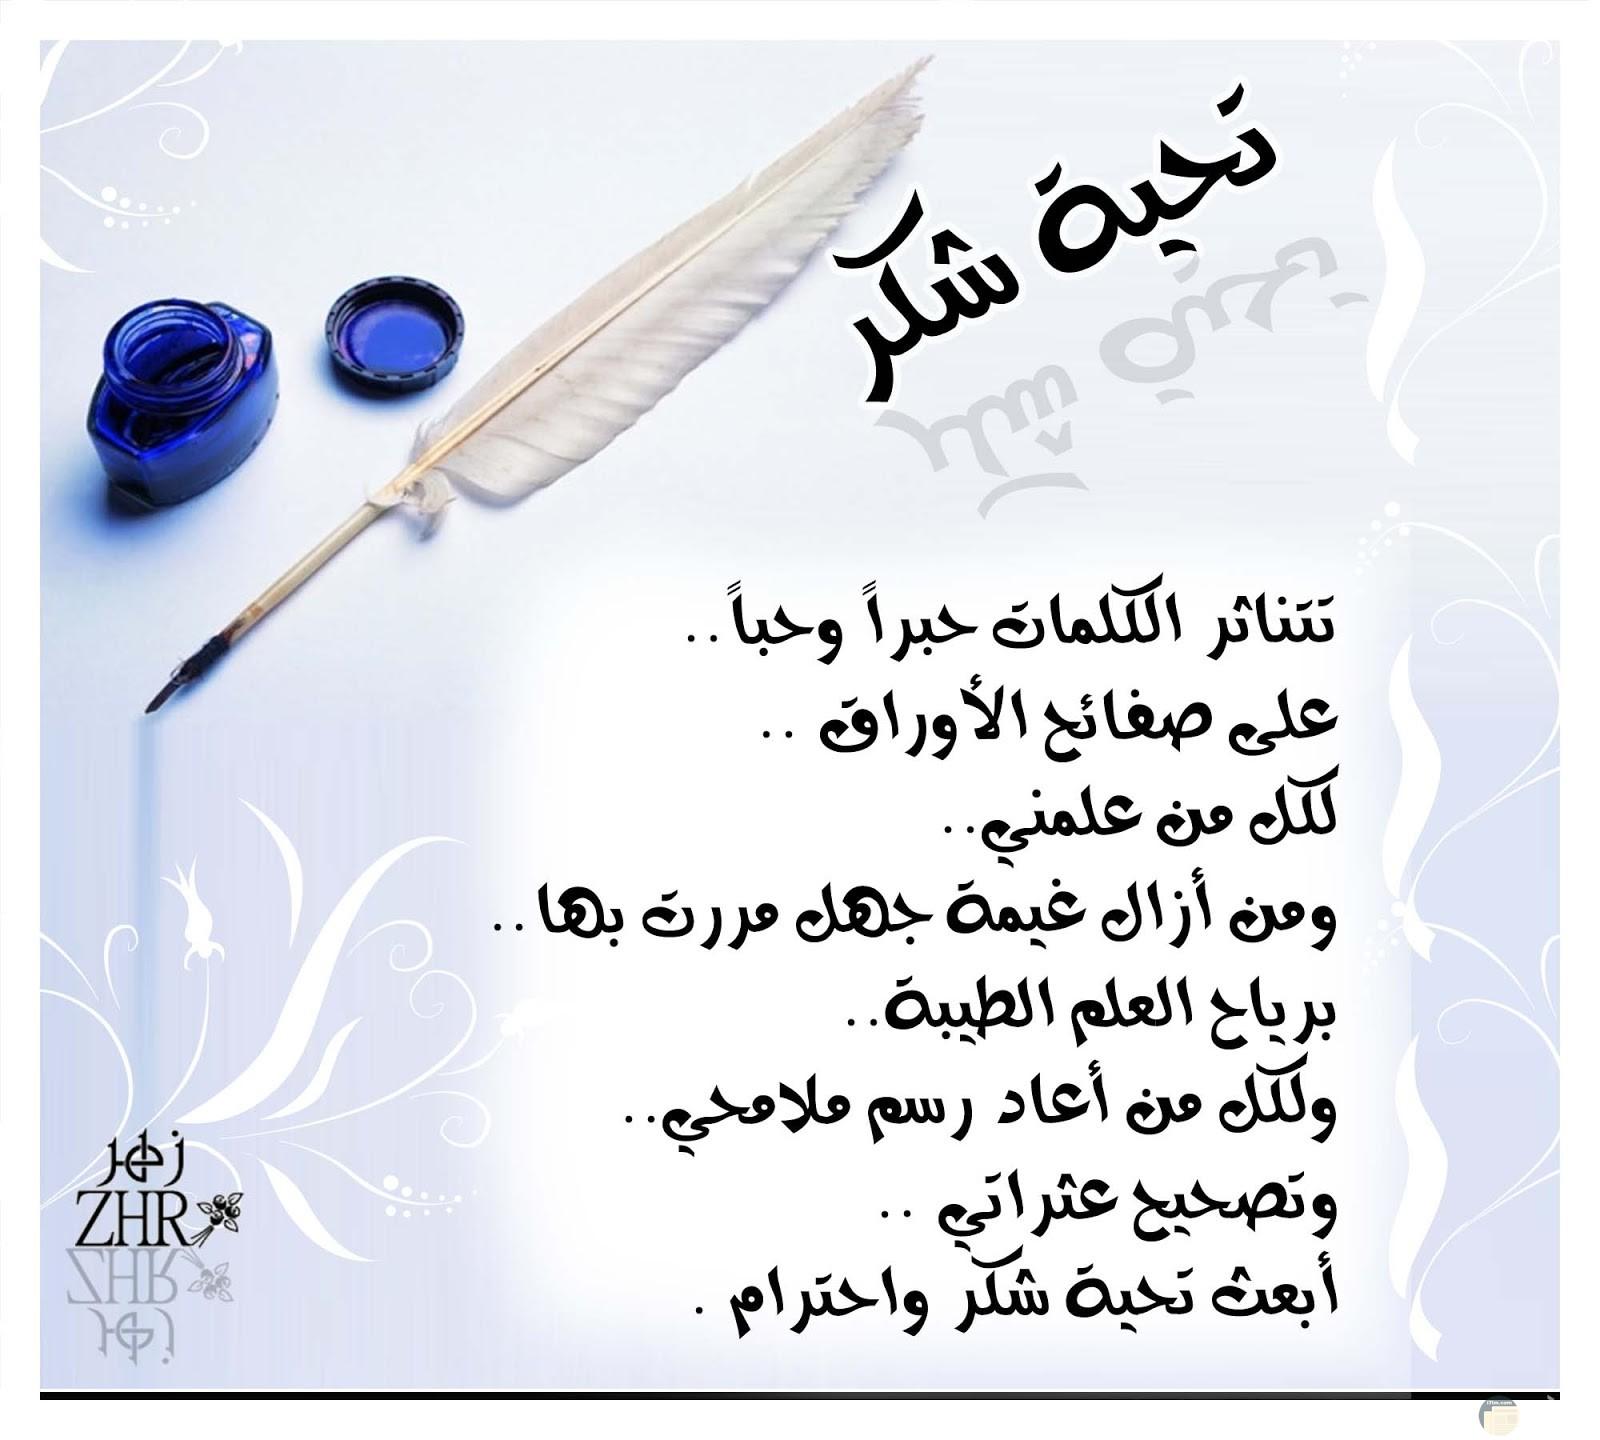 صورة تحية شكر مدونه باجمل كلمات